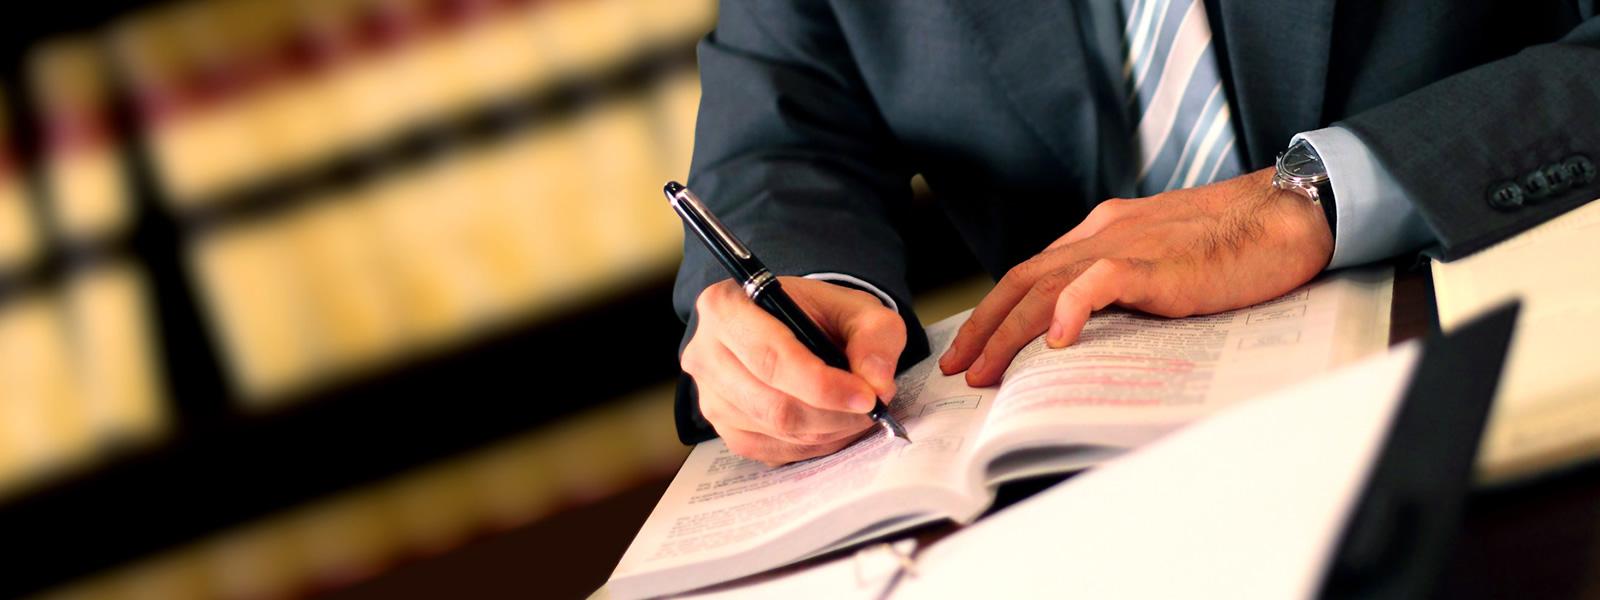 Atuação em Direito Criminal, desde o inquérito policial até a fase recursal